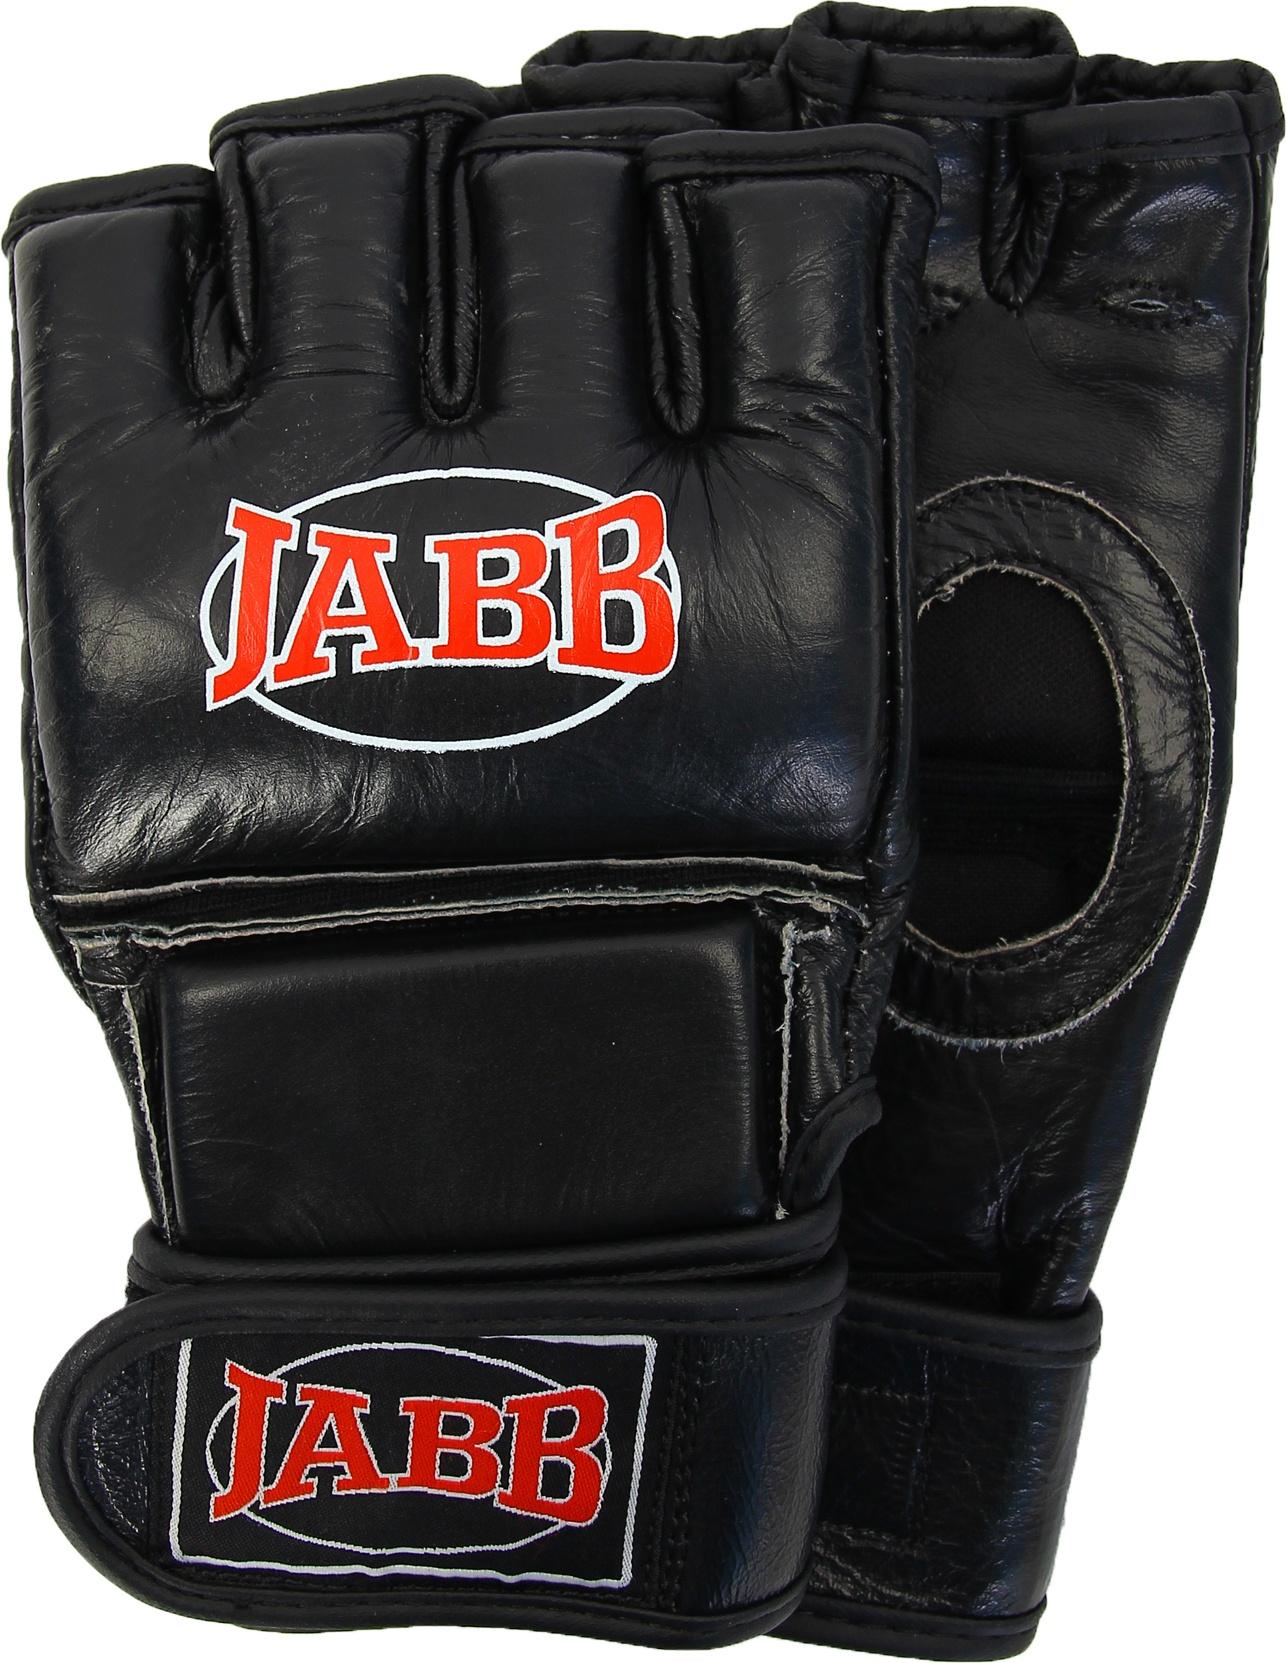 JABB JE-23231T